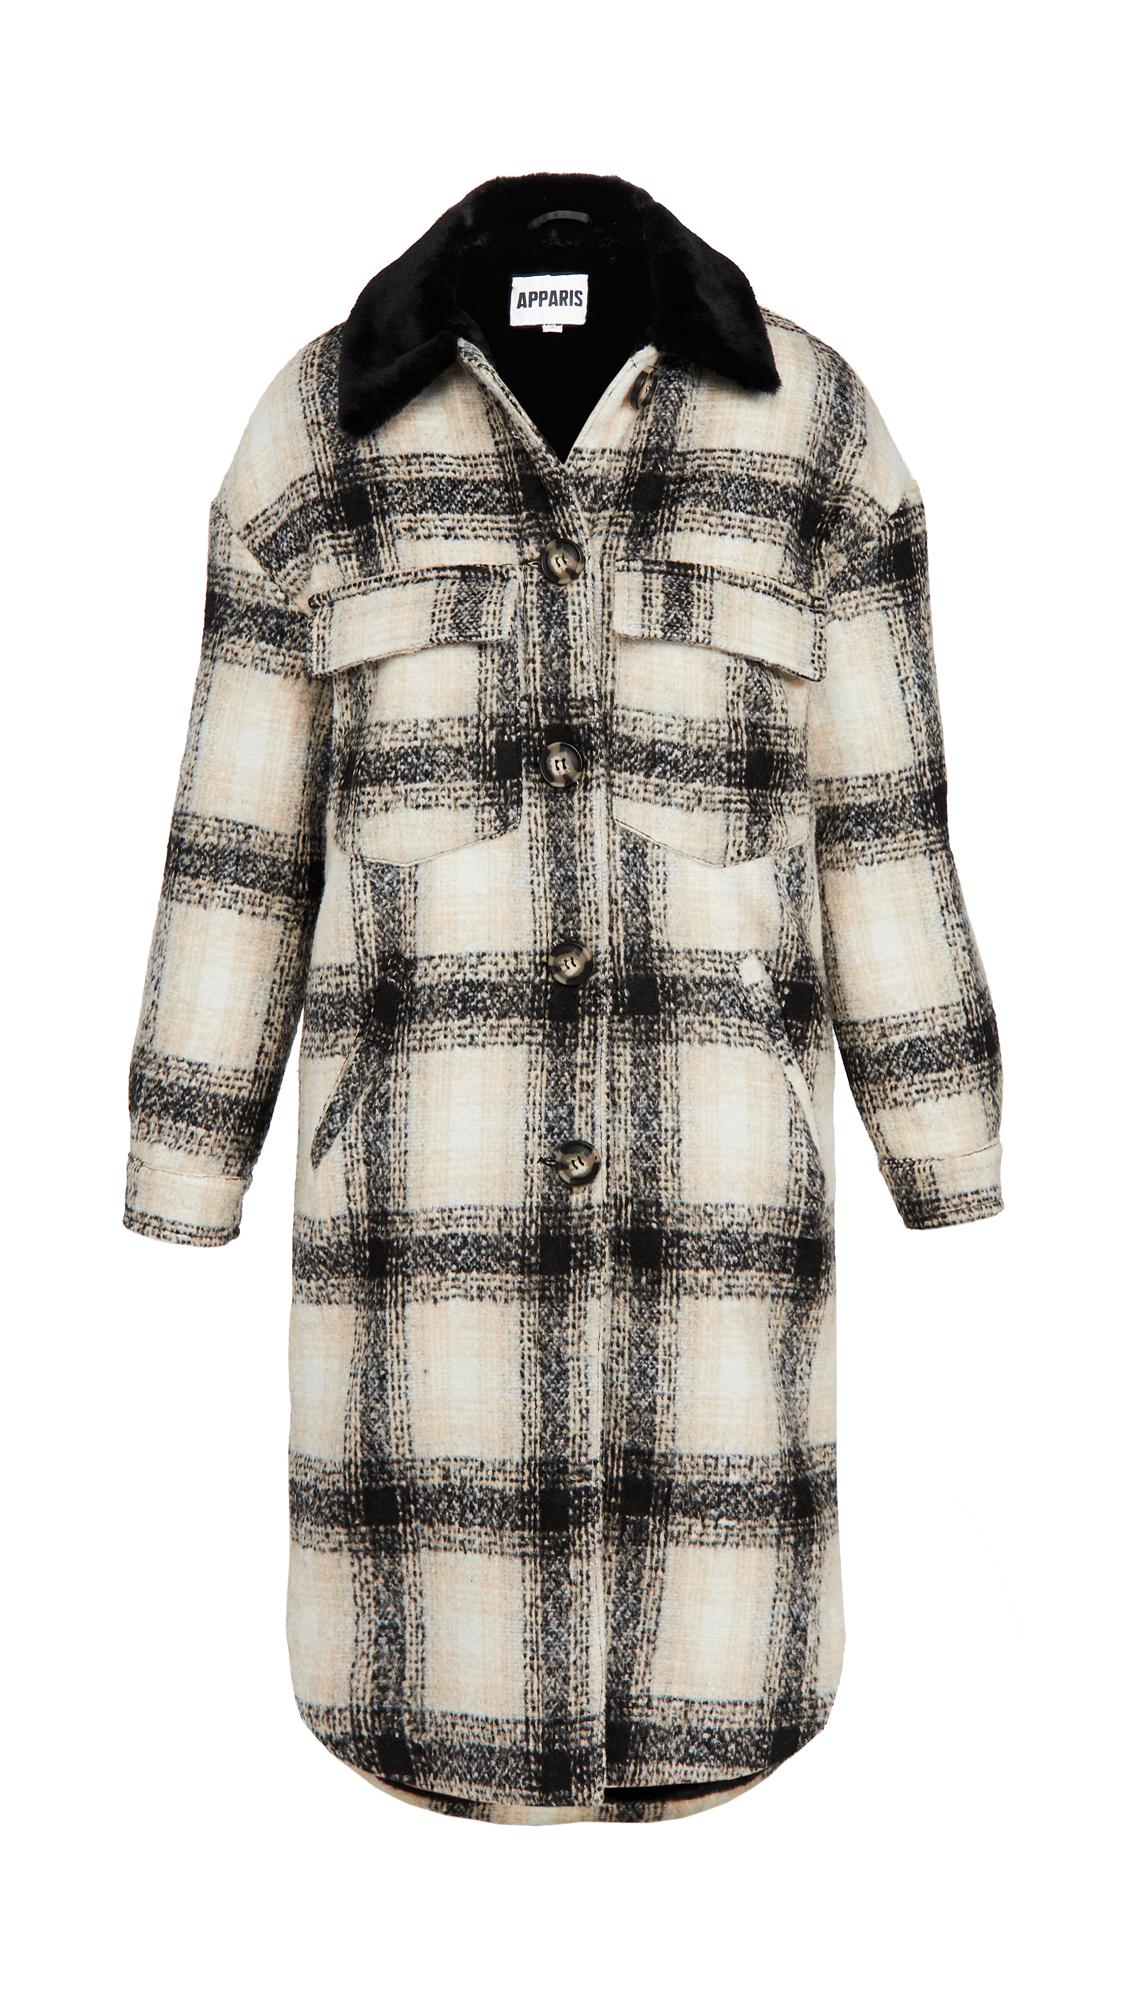 Apparis James Plaid Coat